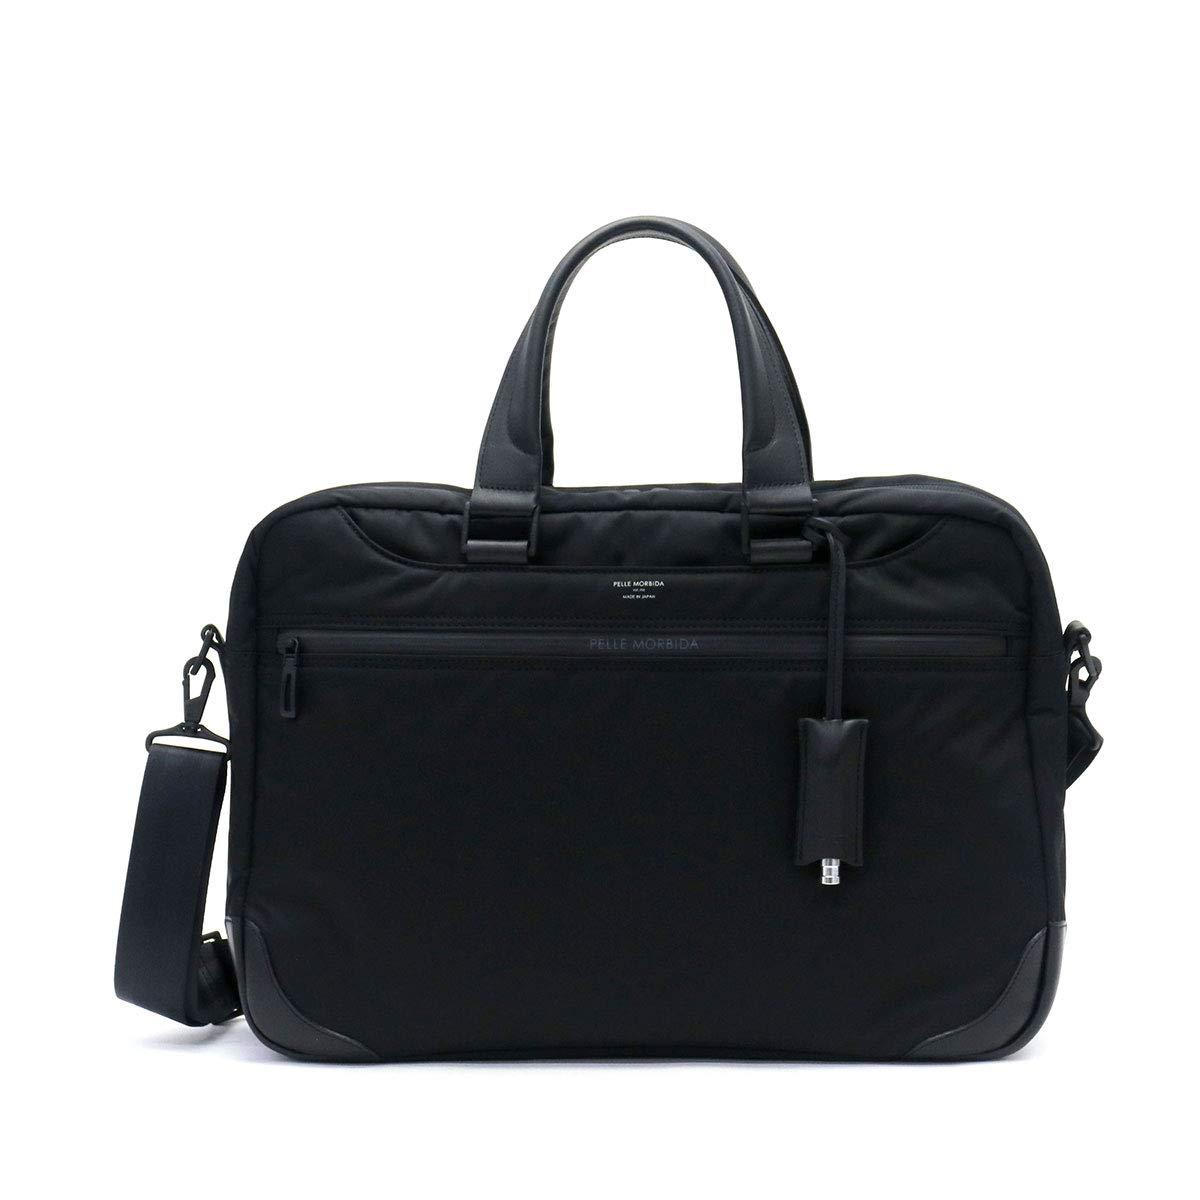 [ペッレモルビダ]PELLE MORBIDA ハイドロフォイル HYDROFOIL 2WAY Brief Bag ビジネスバッグ HYD001  ブラック B07Q33Y8WG